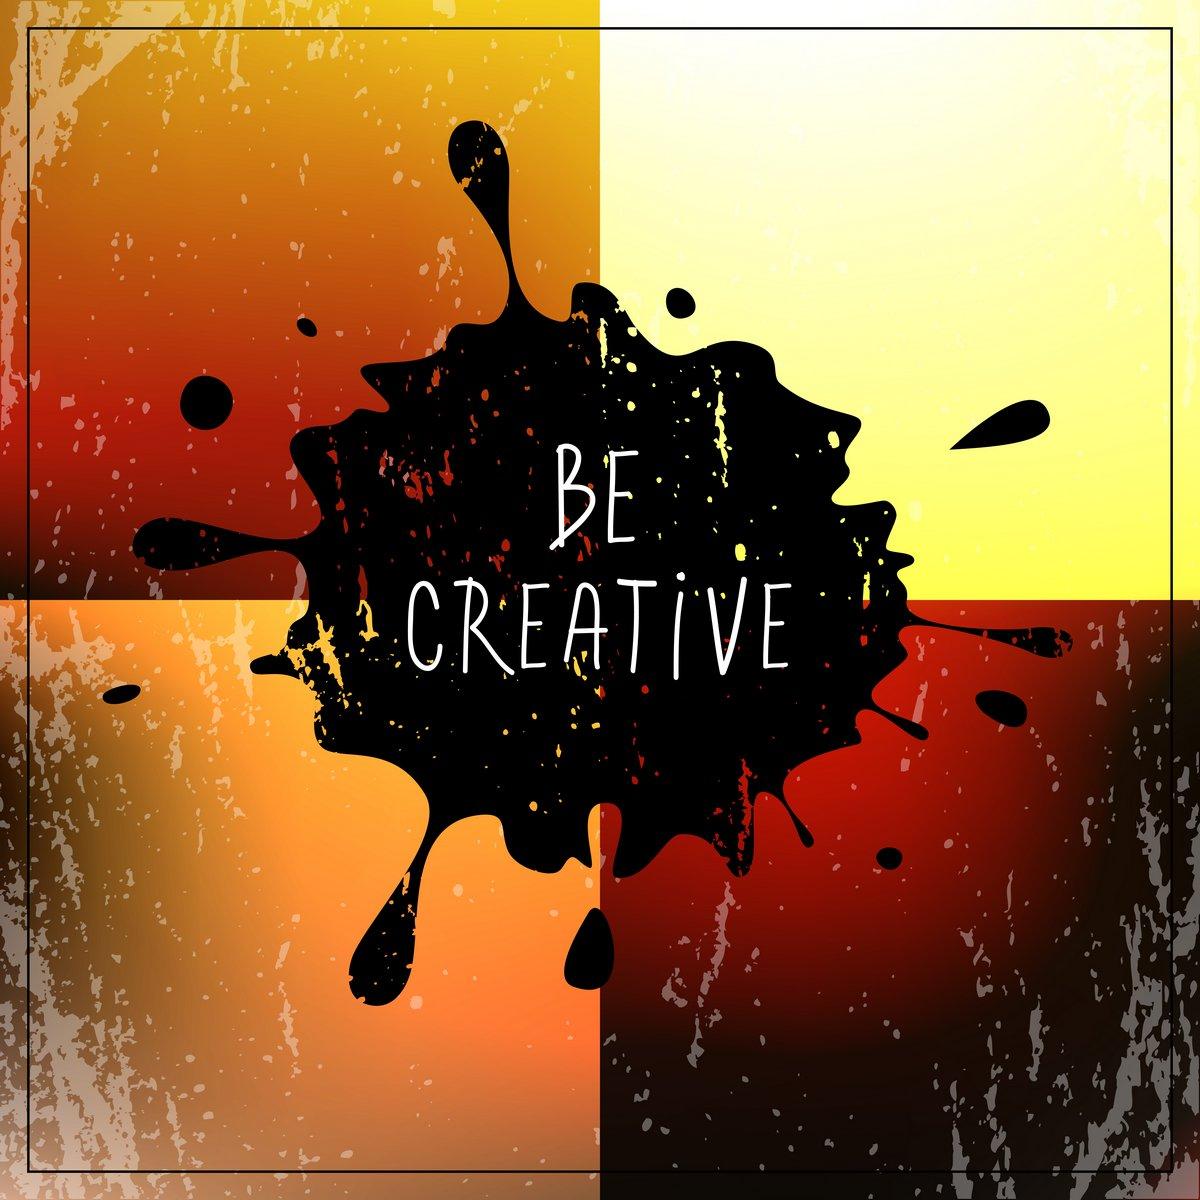 Постер-картина Мотивационный плакат Будьте изобретательны Цитата, типаМотивационный плакат<br>Постер на холсте или бумаге. Любого нужного вам размера. В раме или без. Подвес в комплекте. Трехслойная надежная упаковка. Доставим в любую точку России. Вам осталось только повесить картину на стену!<br>